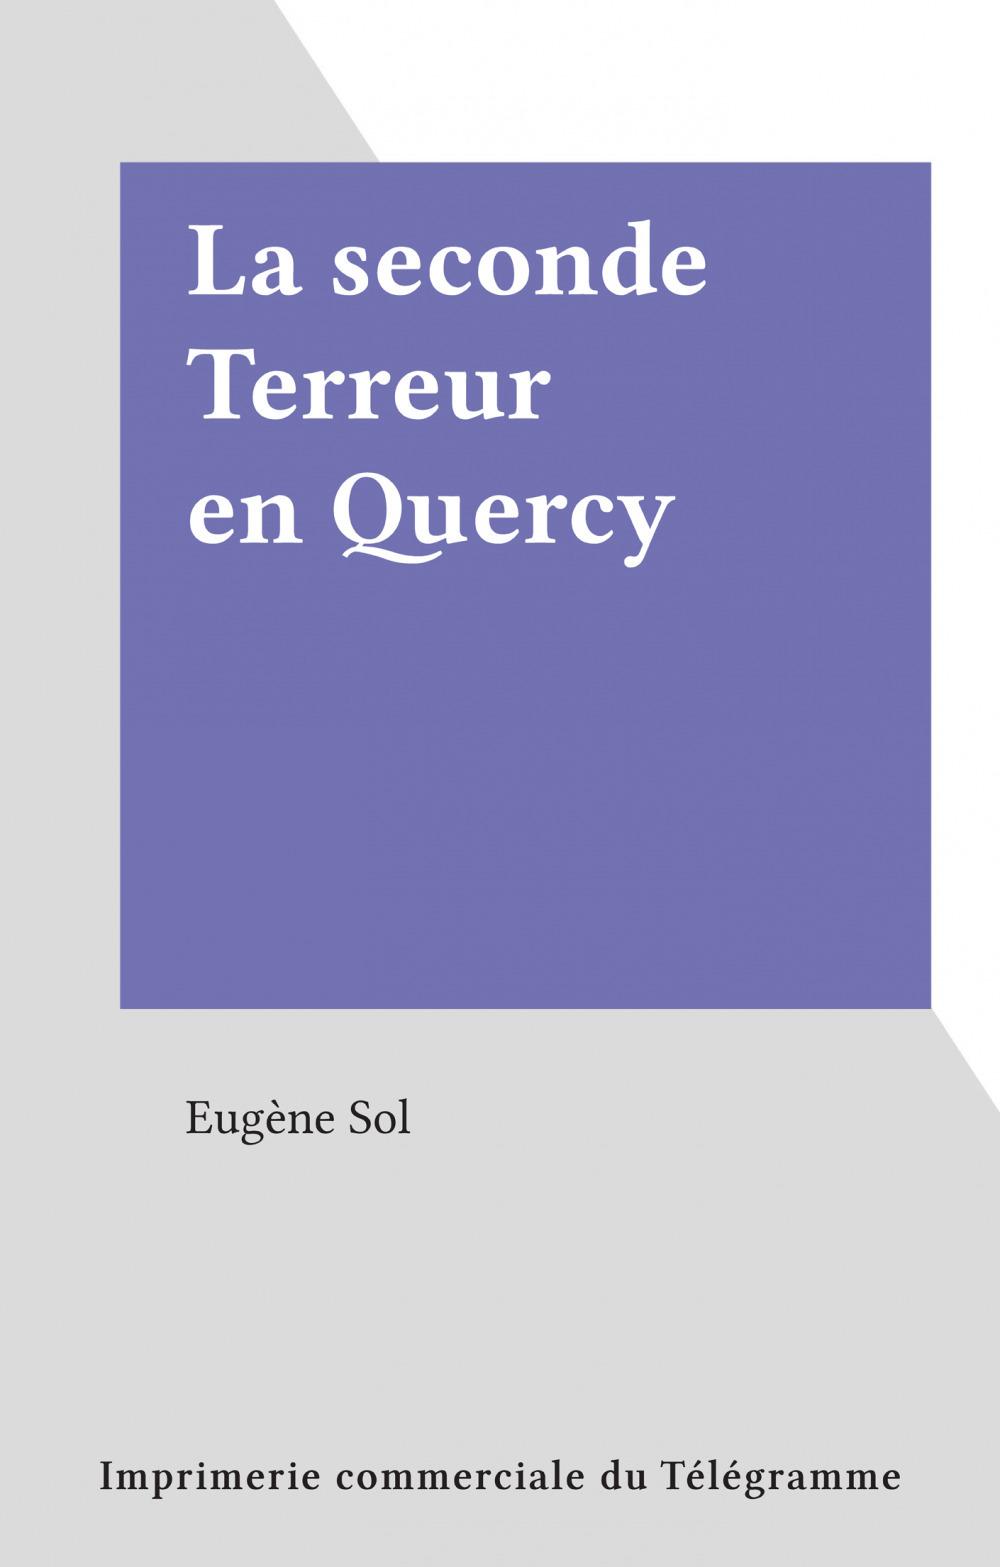 La seconde Terreur en Quercy